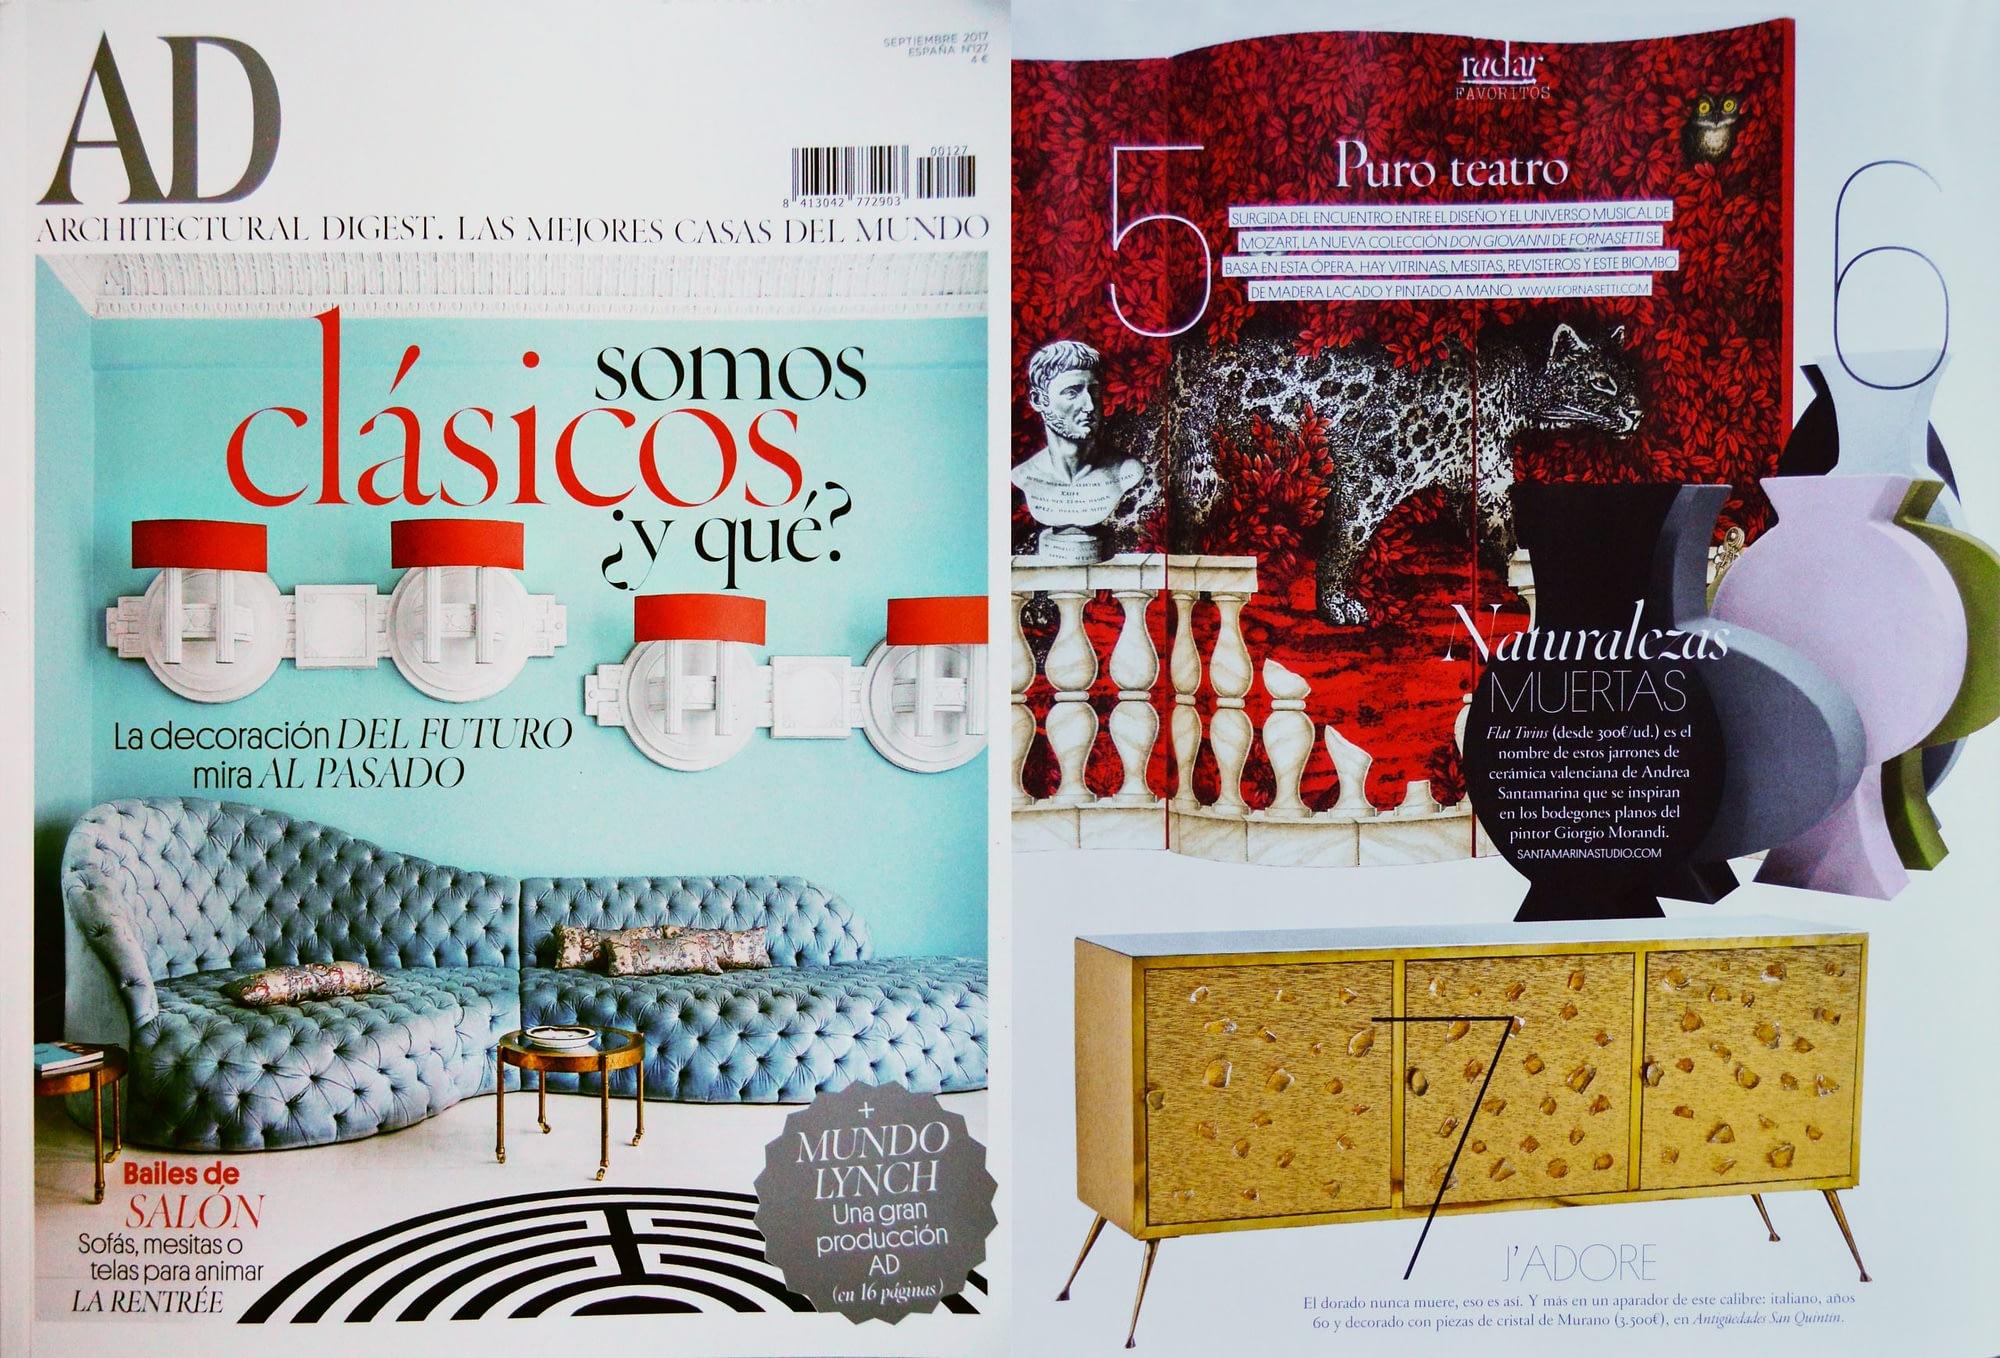 Andrea Santamarina Studio Revista AD Naturalezas Muertas Flat twins Producto Fresco Cerámica Valencia Morandi Vases Ceramic IED corregido